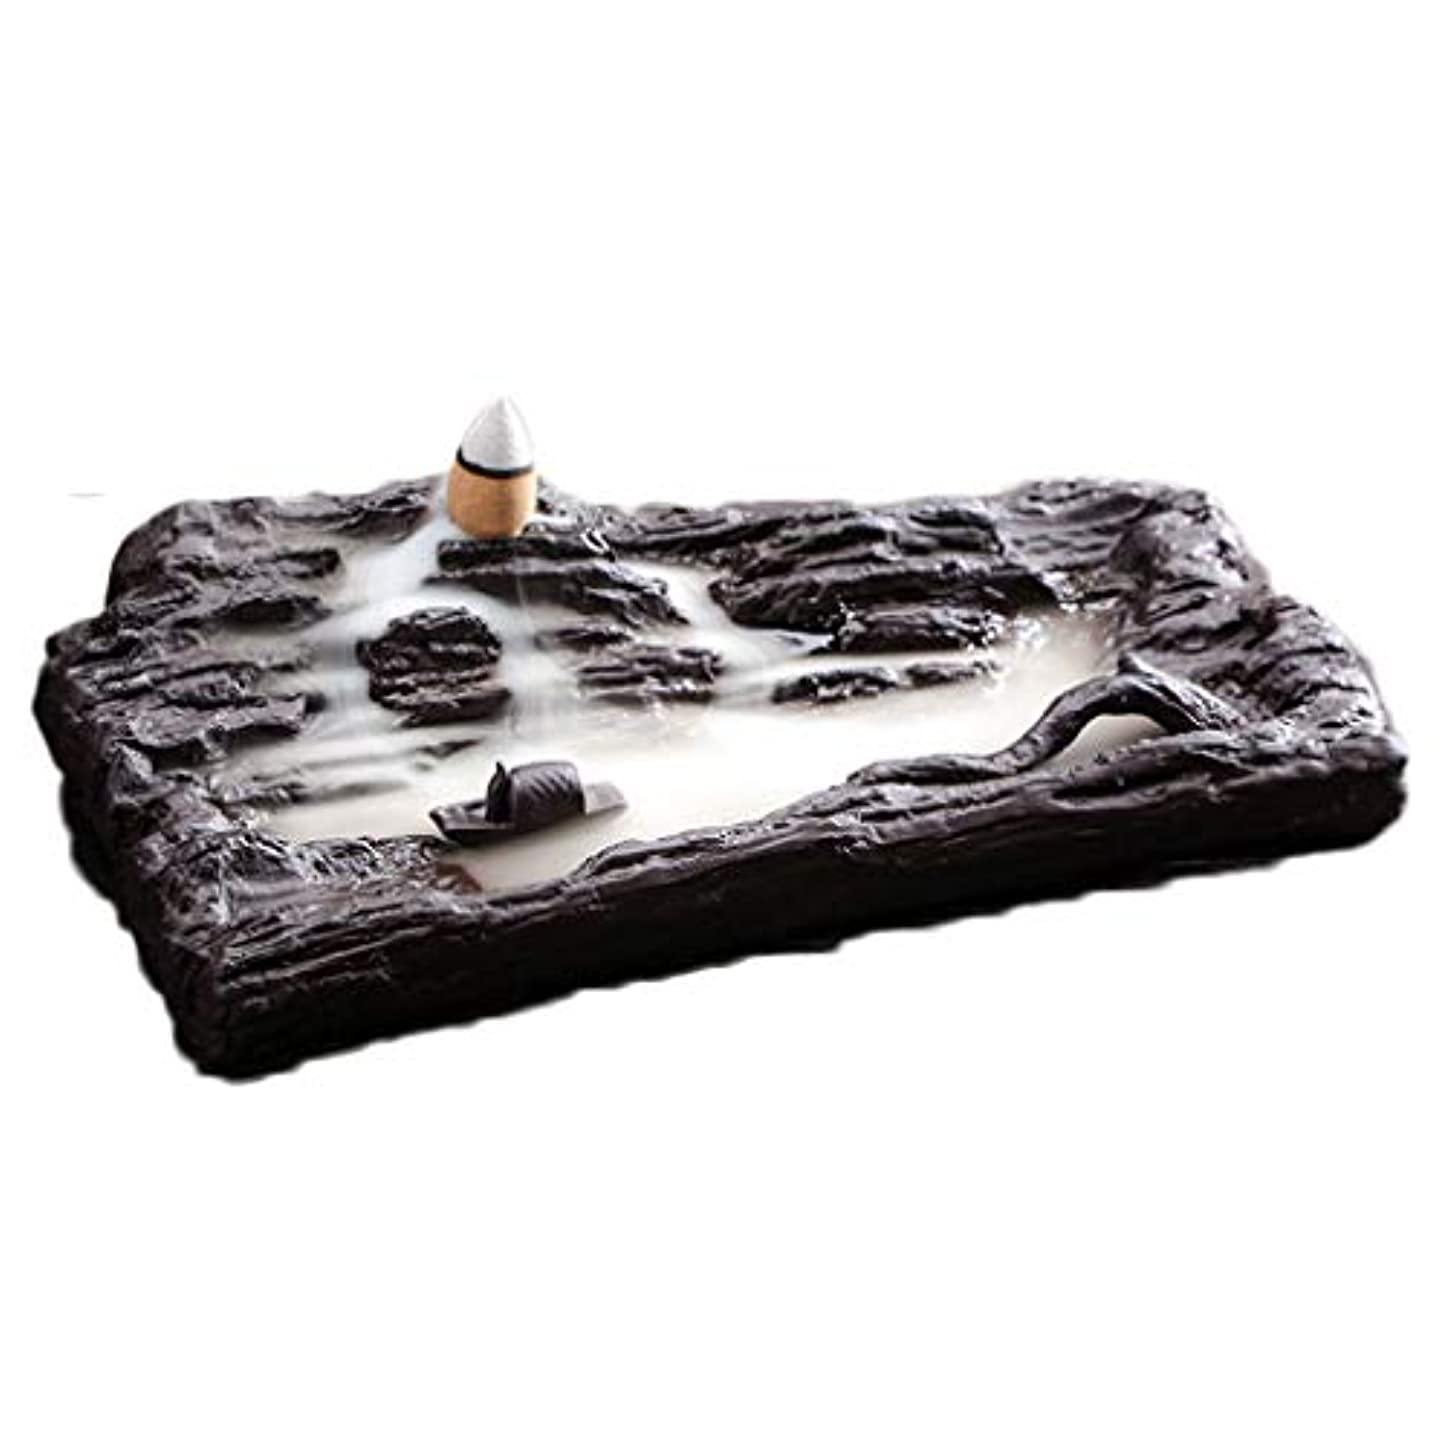 中国ラダすきホームアロマバーナー レトロな懐かしい香炉紫砂香バーナー屋内茶道香バーナーアロマセラピー炉 アロマバーナー (Color : Purple sand)